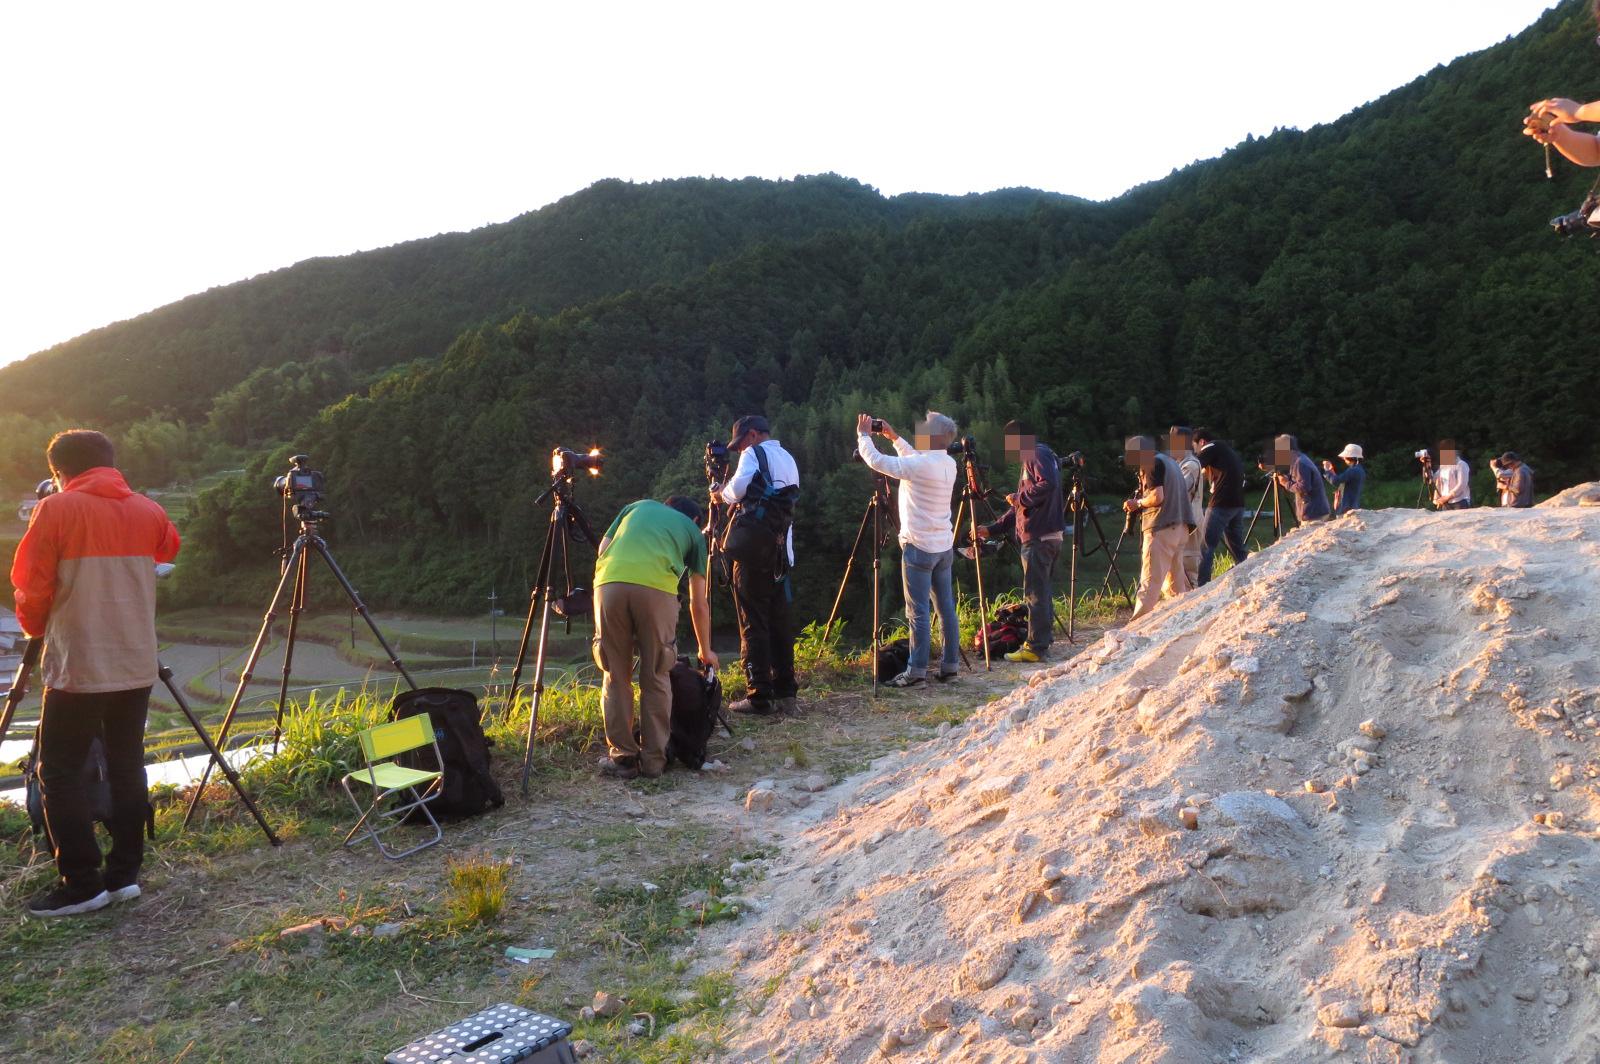 棚田の撮影。日の入り1時間半前から三脚で場所取りが始まってました。すごいですね。。。